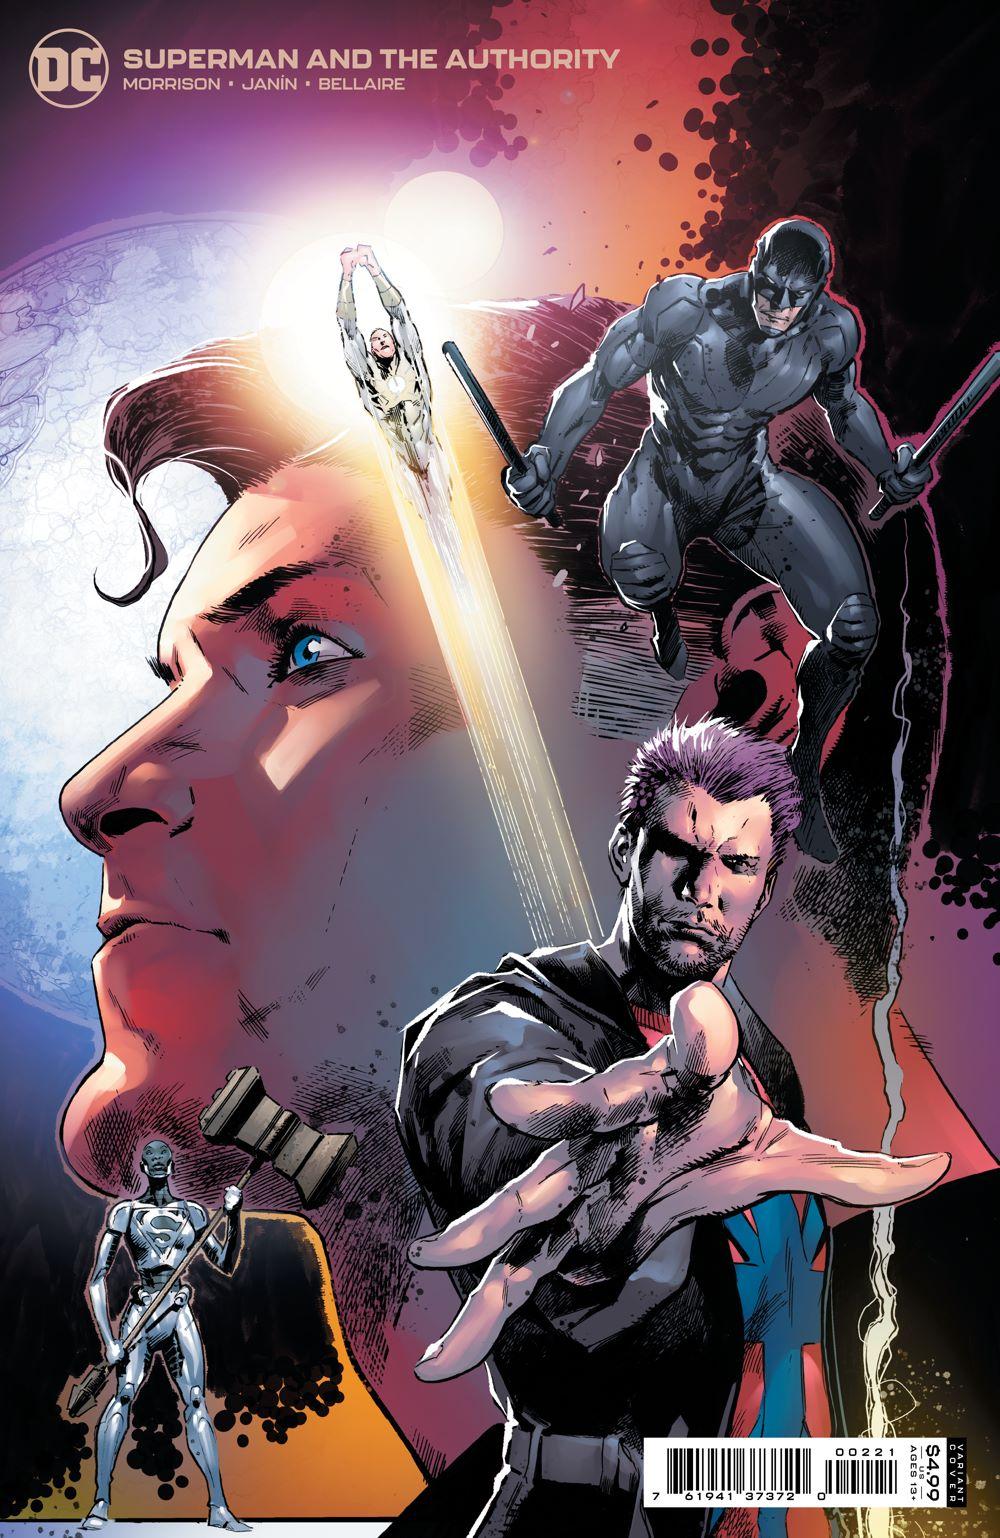 SMATA_Cv2_var_00221 DC Comics August 2021 Solicitations